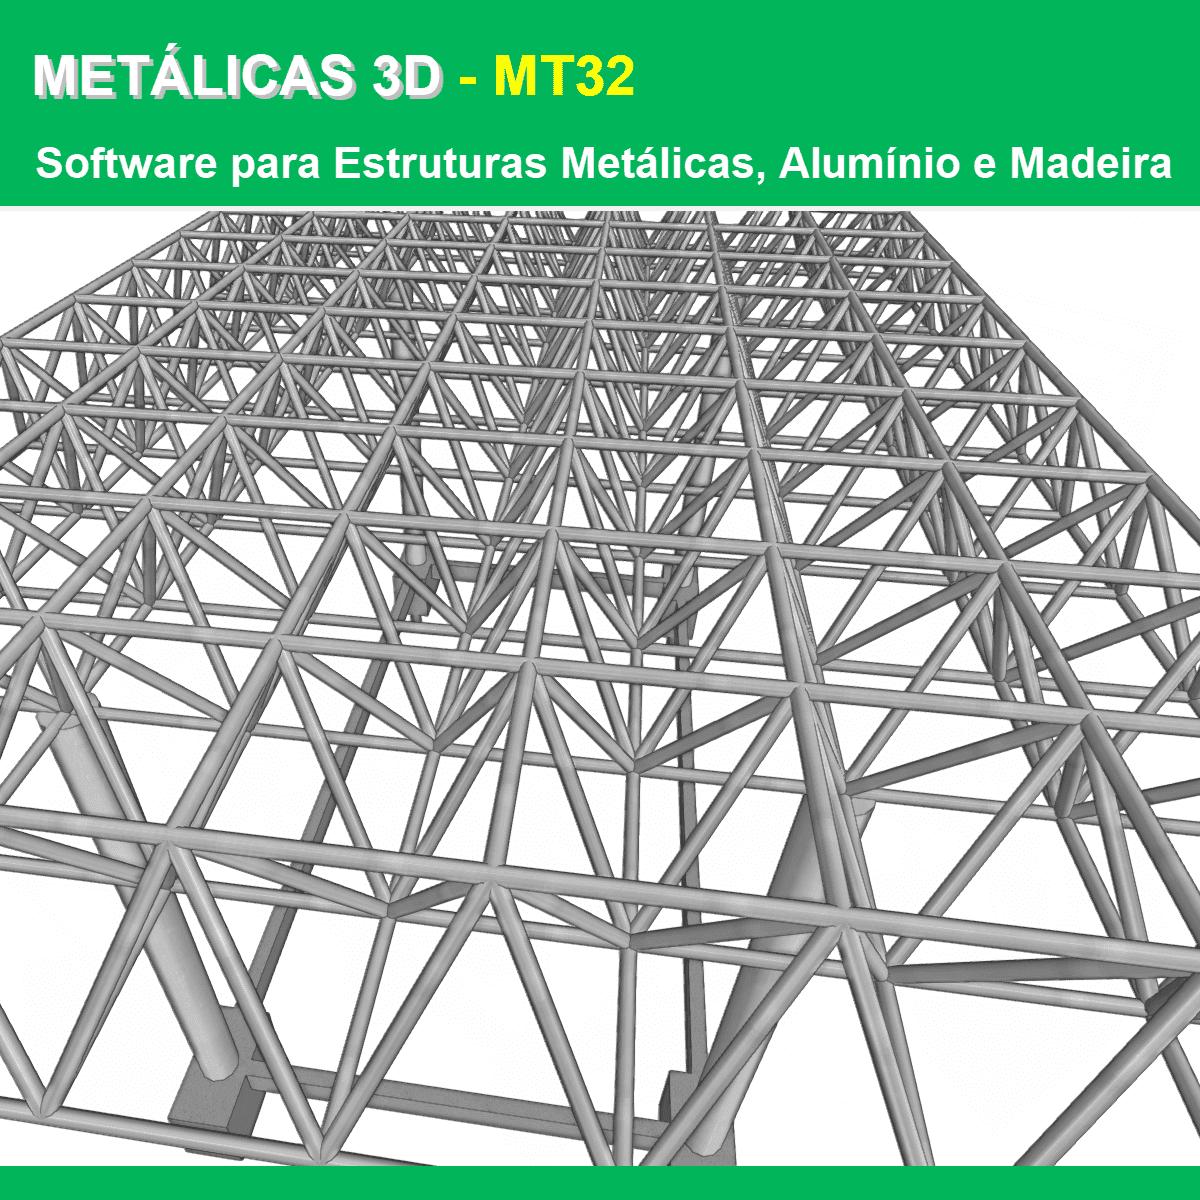 """Software Metálicas 3D MT32 versão 2022 (Licença Eletrônica) incluindo a modulação descrita em """"Itens Inclusos"""" a seguir  - MULTIPLUS SOFTWARES"""